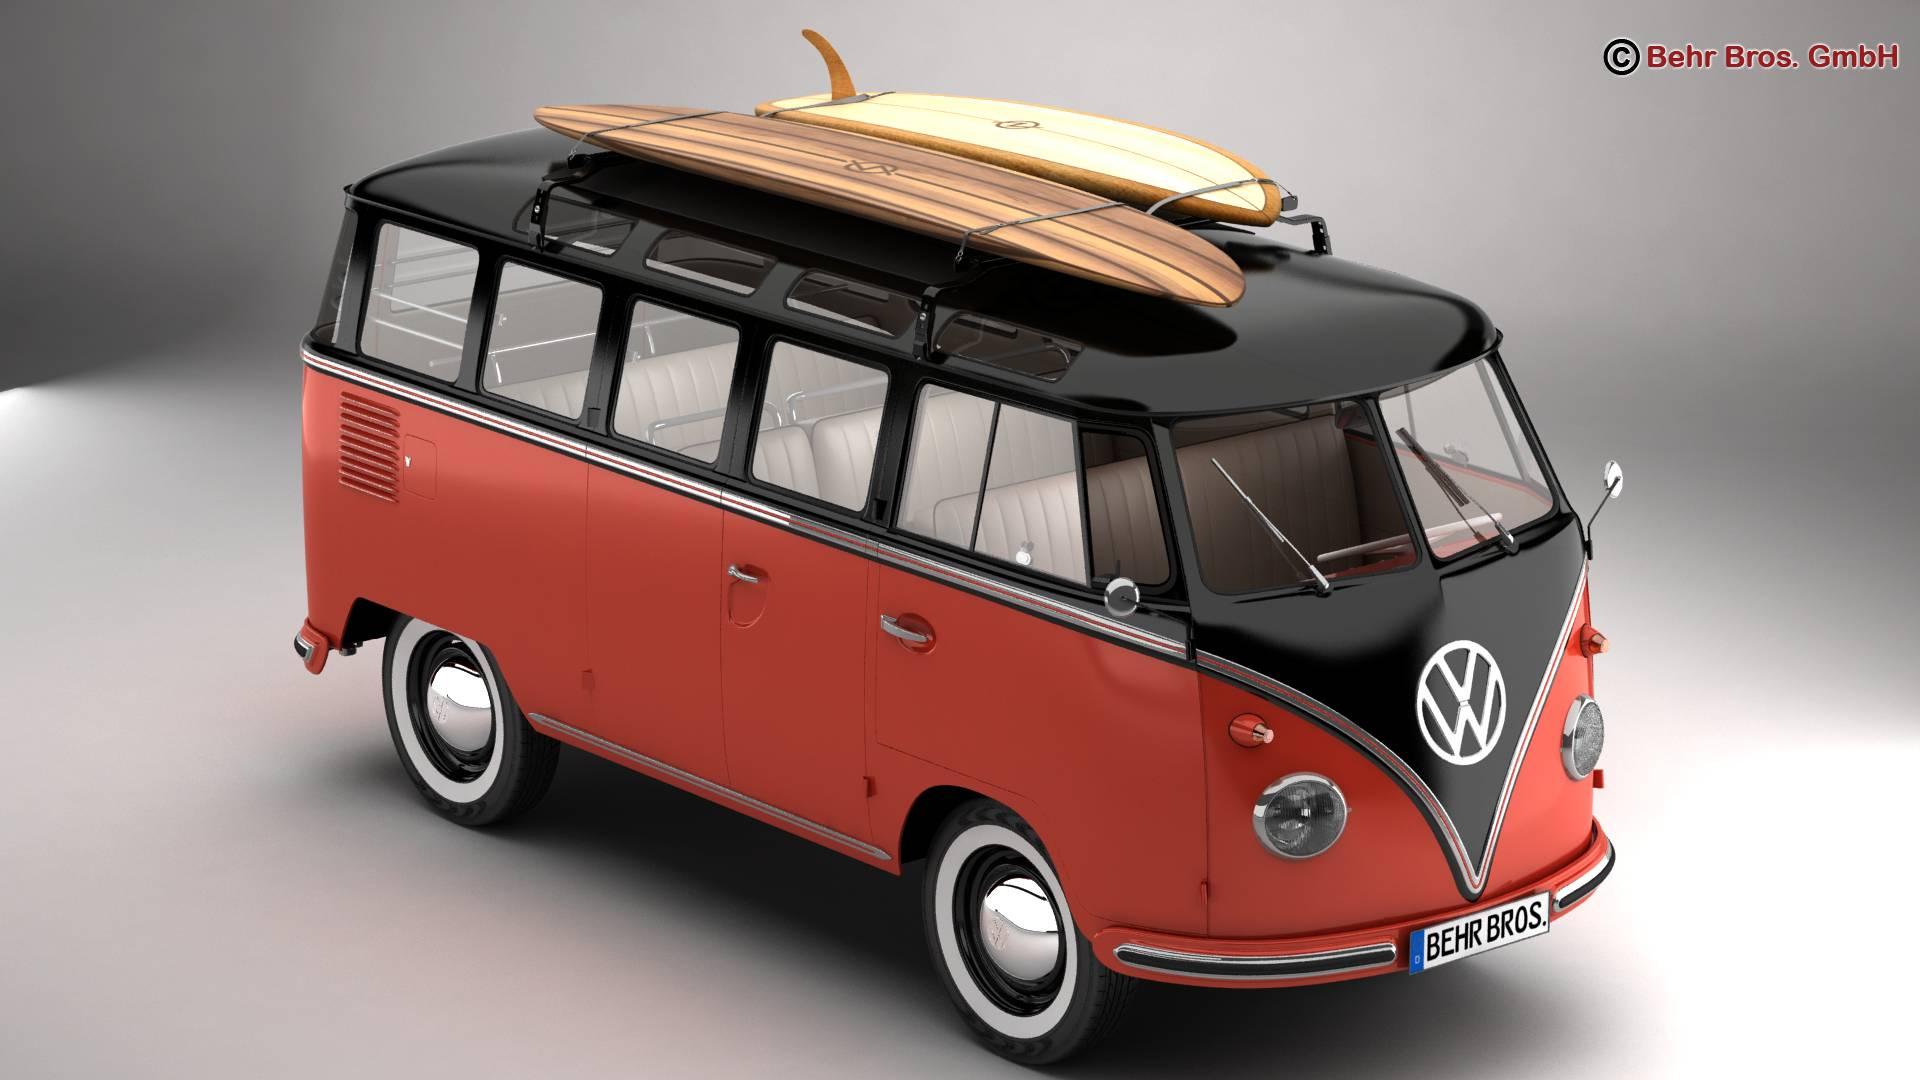 Volkswagen T1 Samba 1959 Accessories 3d model 3ds max fbx c4d lwo ma mb obj 266975